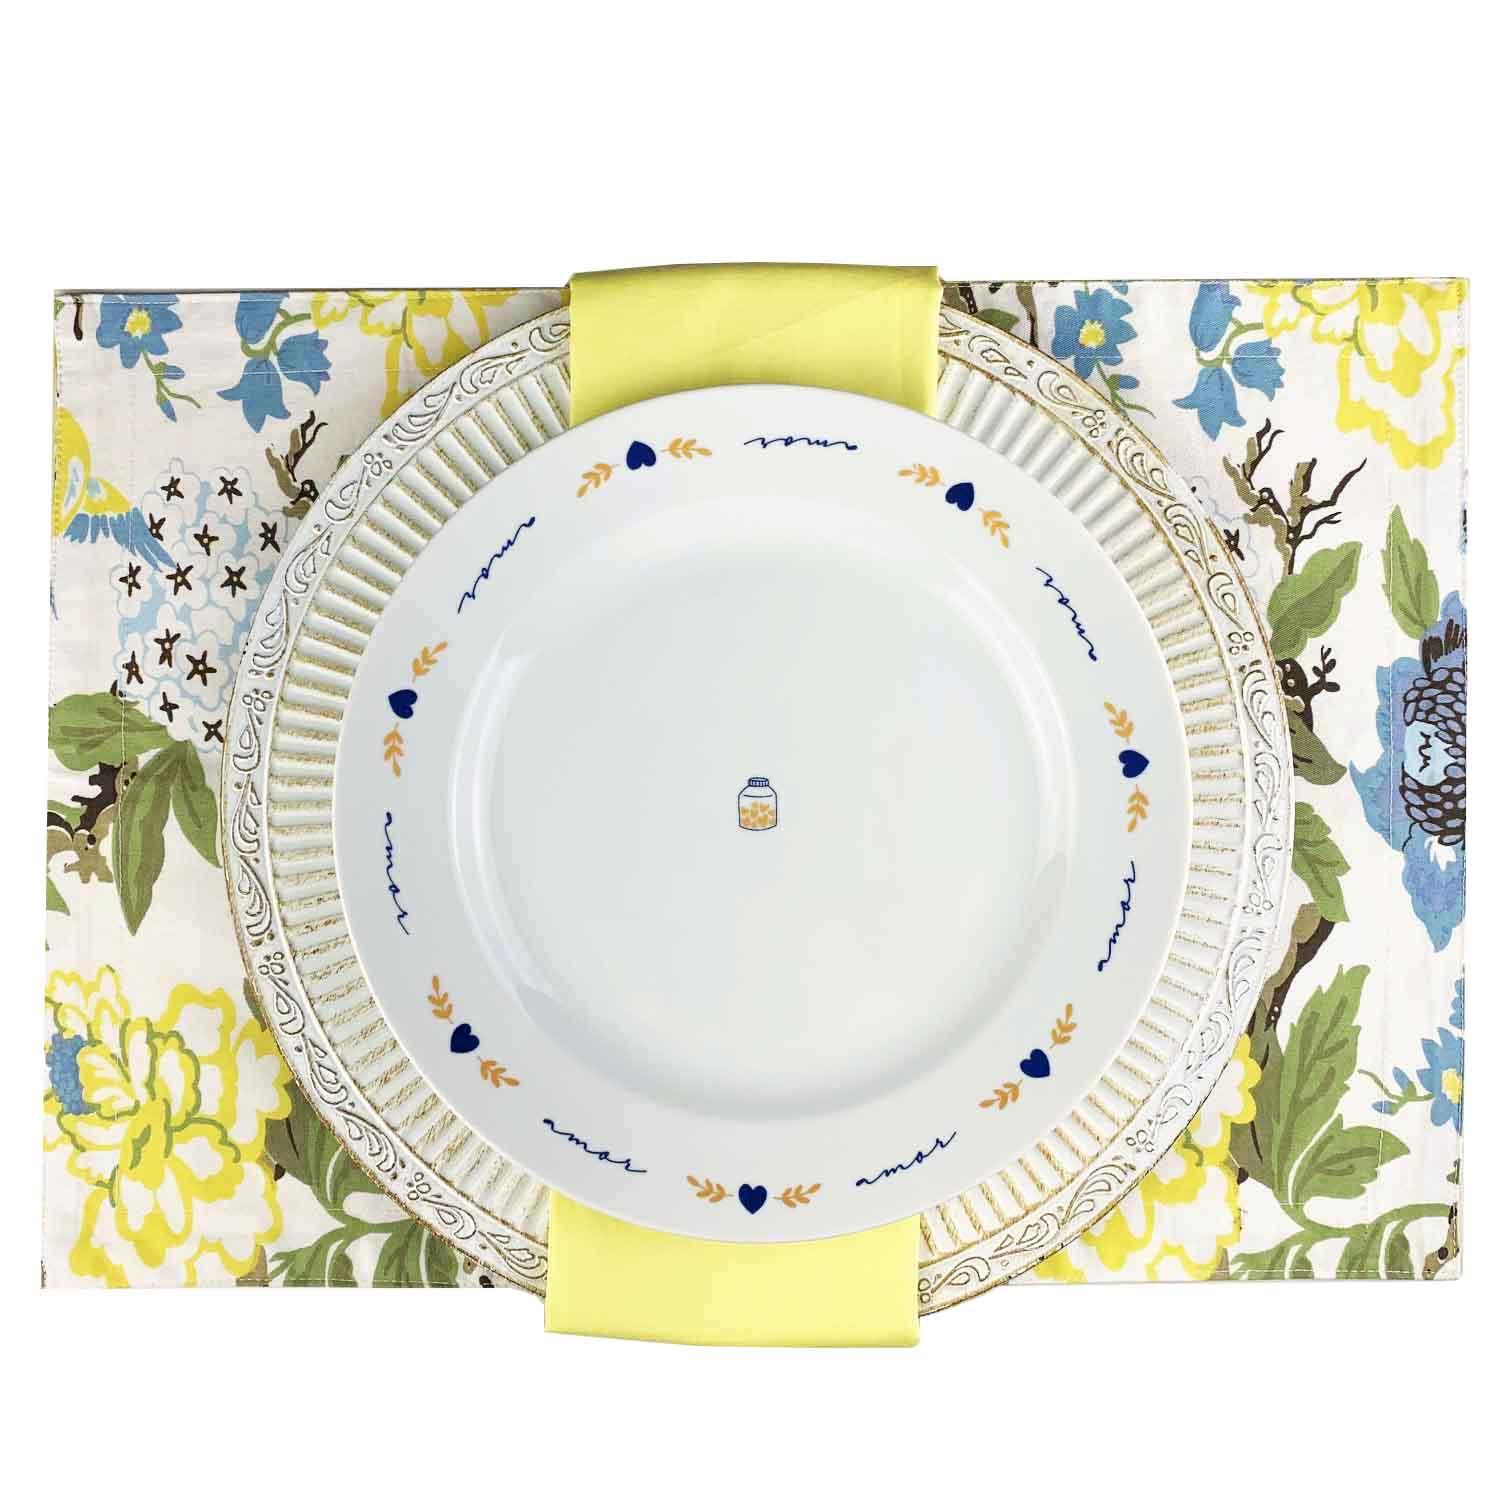 Box p/jantar ou almoço Yellow c/ 8 peças, louças em porcelana, coleção exclusiva Poções de Amor